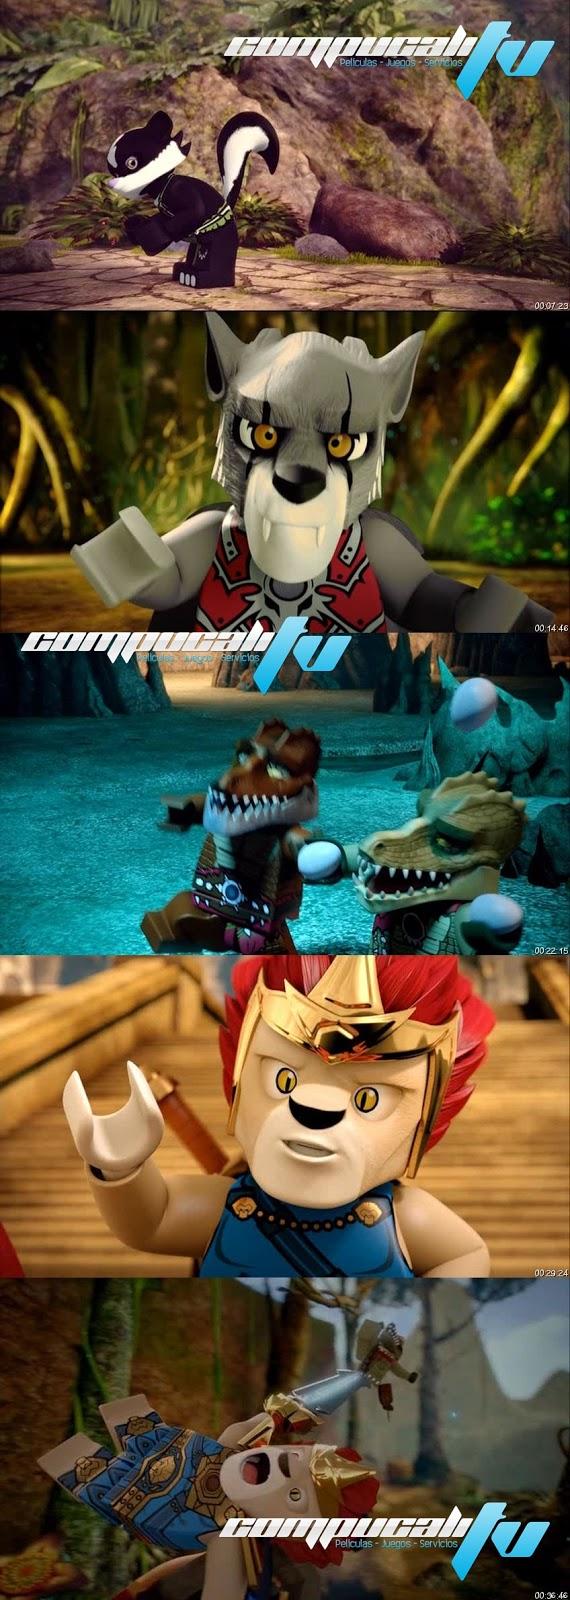 LEGO: Leyendas de Chima - El Poder del Chi DVDRip Español Latino